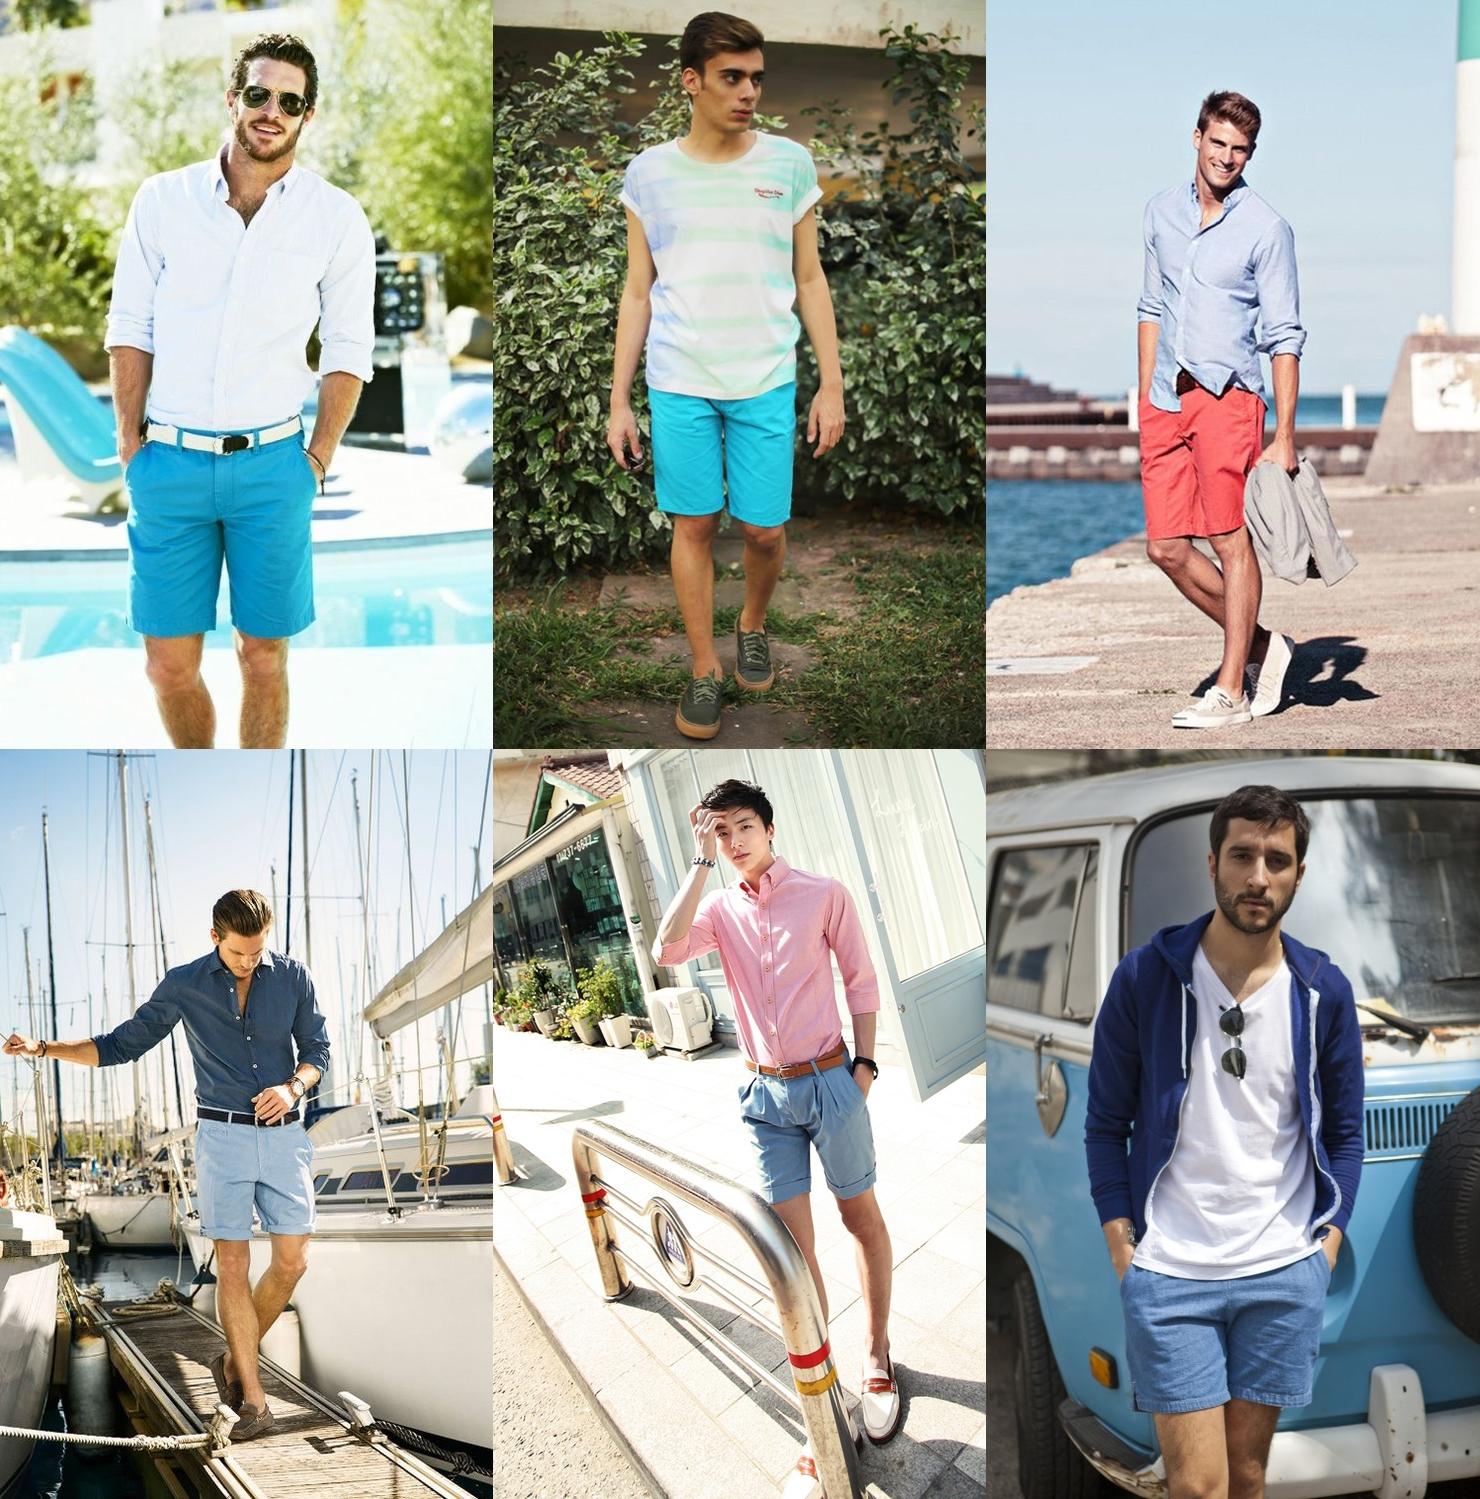 roupas masculinas, verão 2015, peças masculinas, tendência masculina, estilo masculino, moda masculina, menswear, fashion blogger, alex cursino, moda sem censura, 3